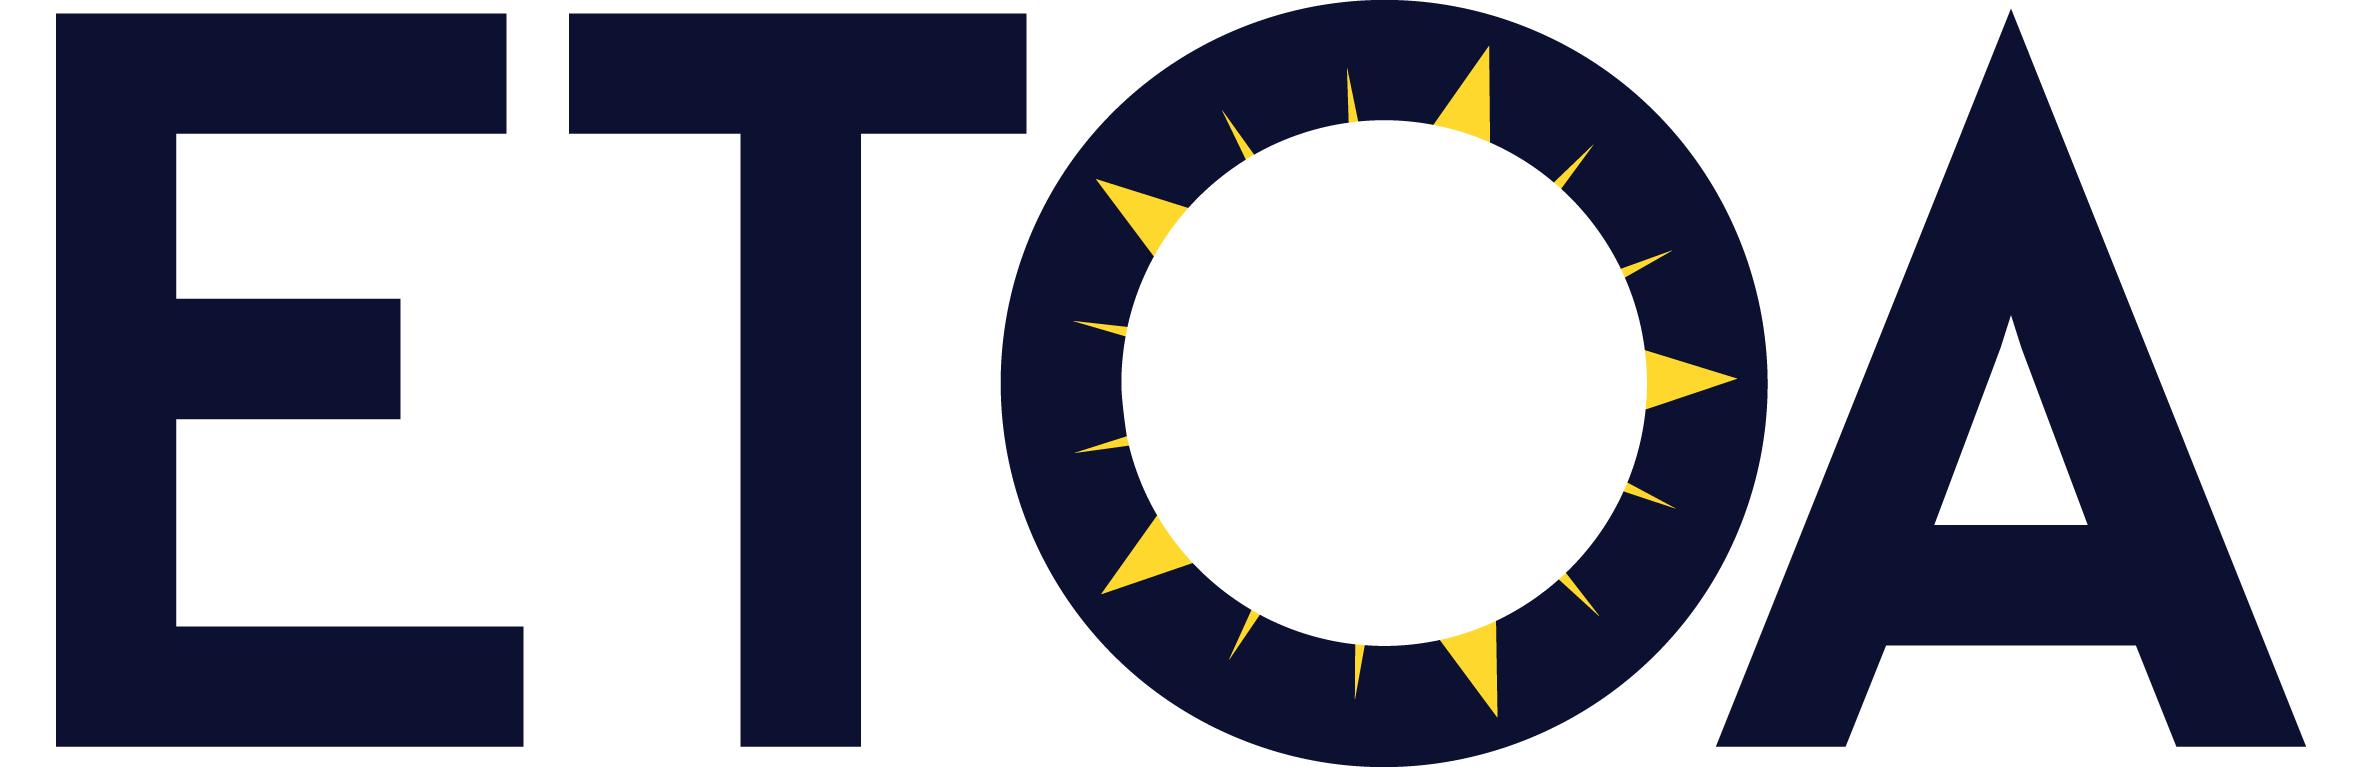 ETOA-logo.png